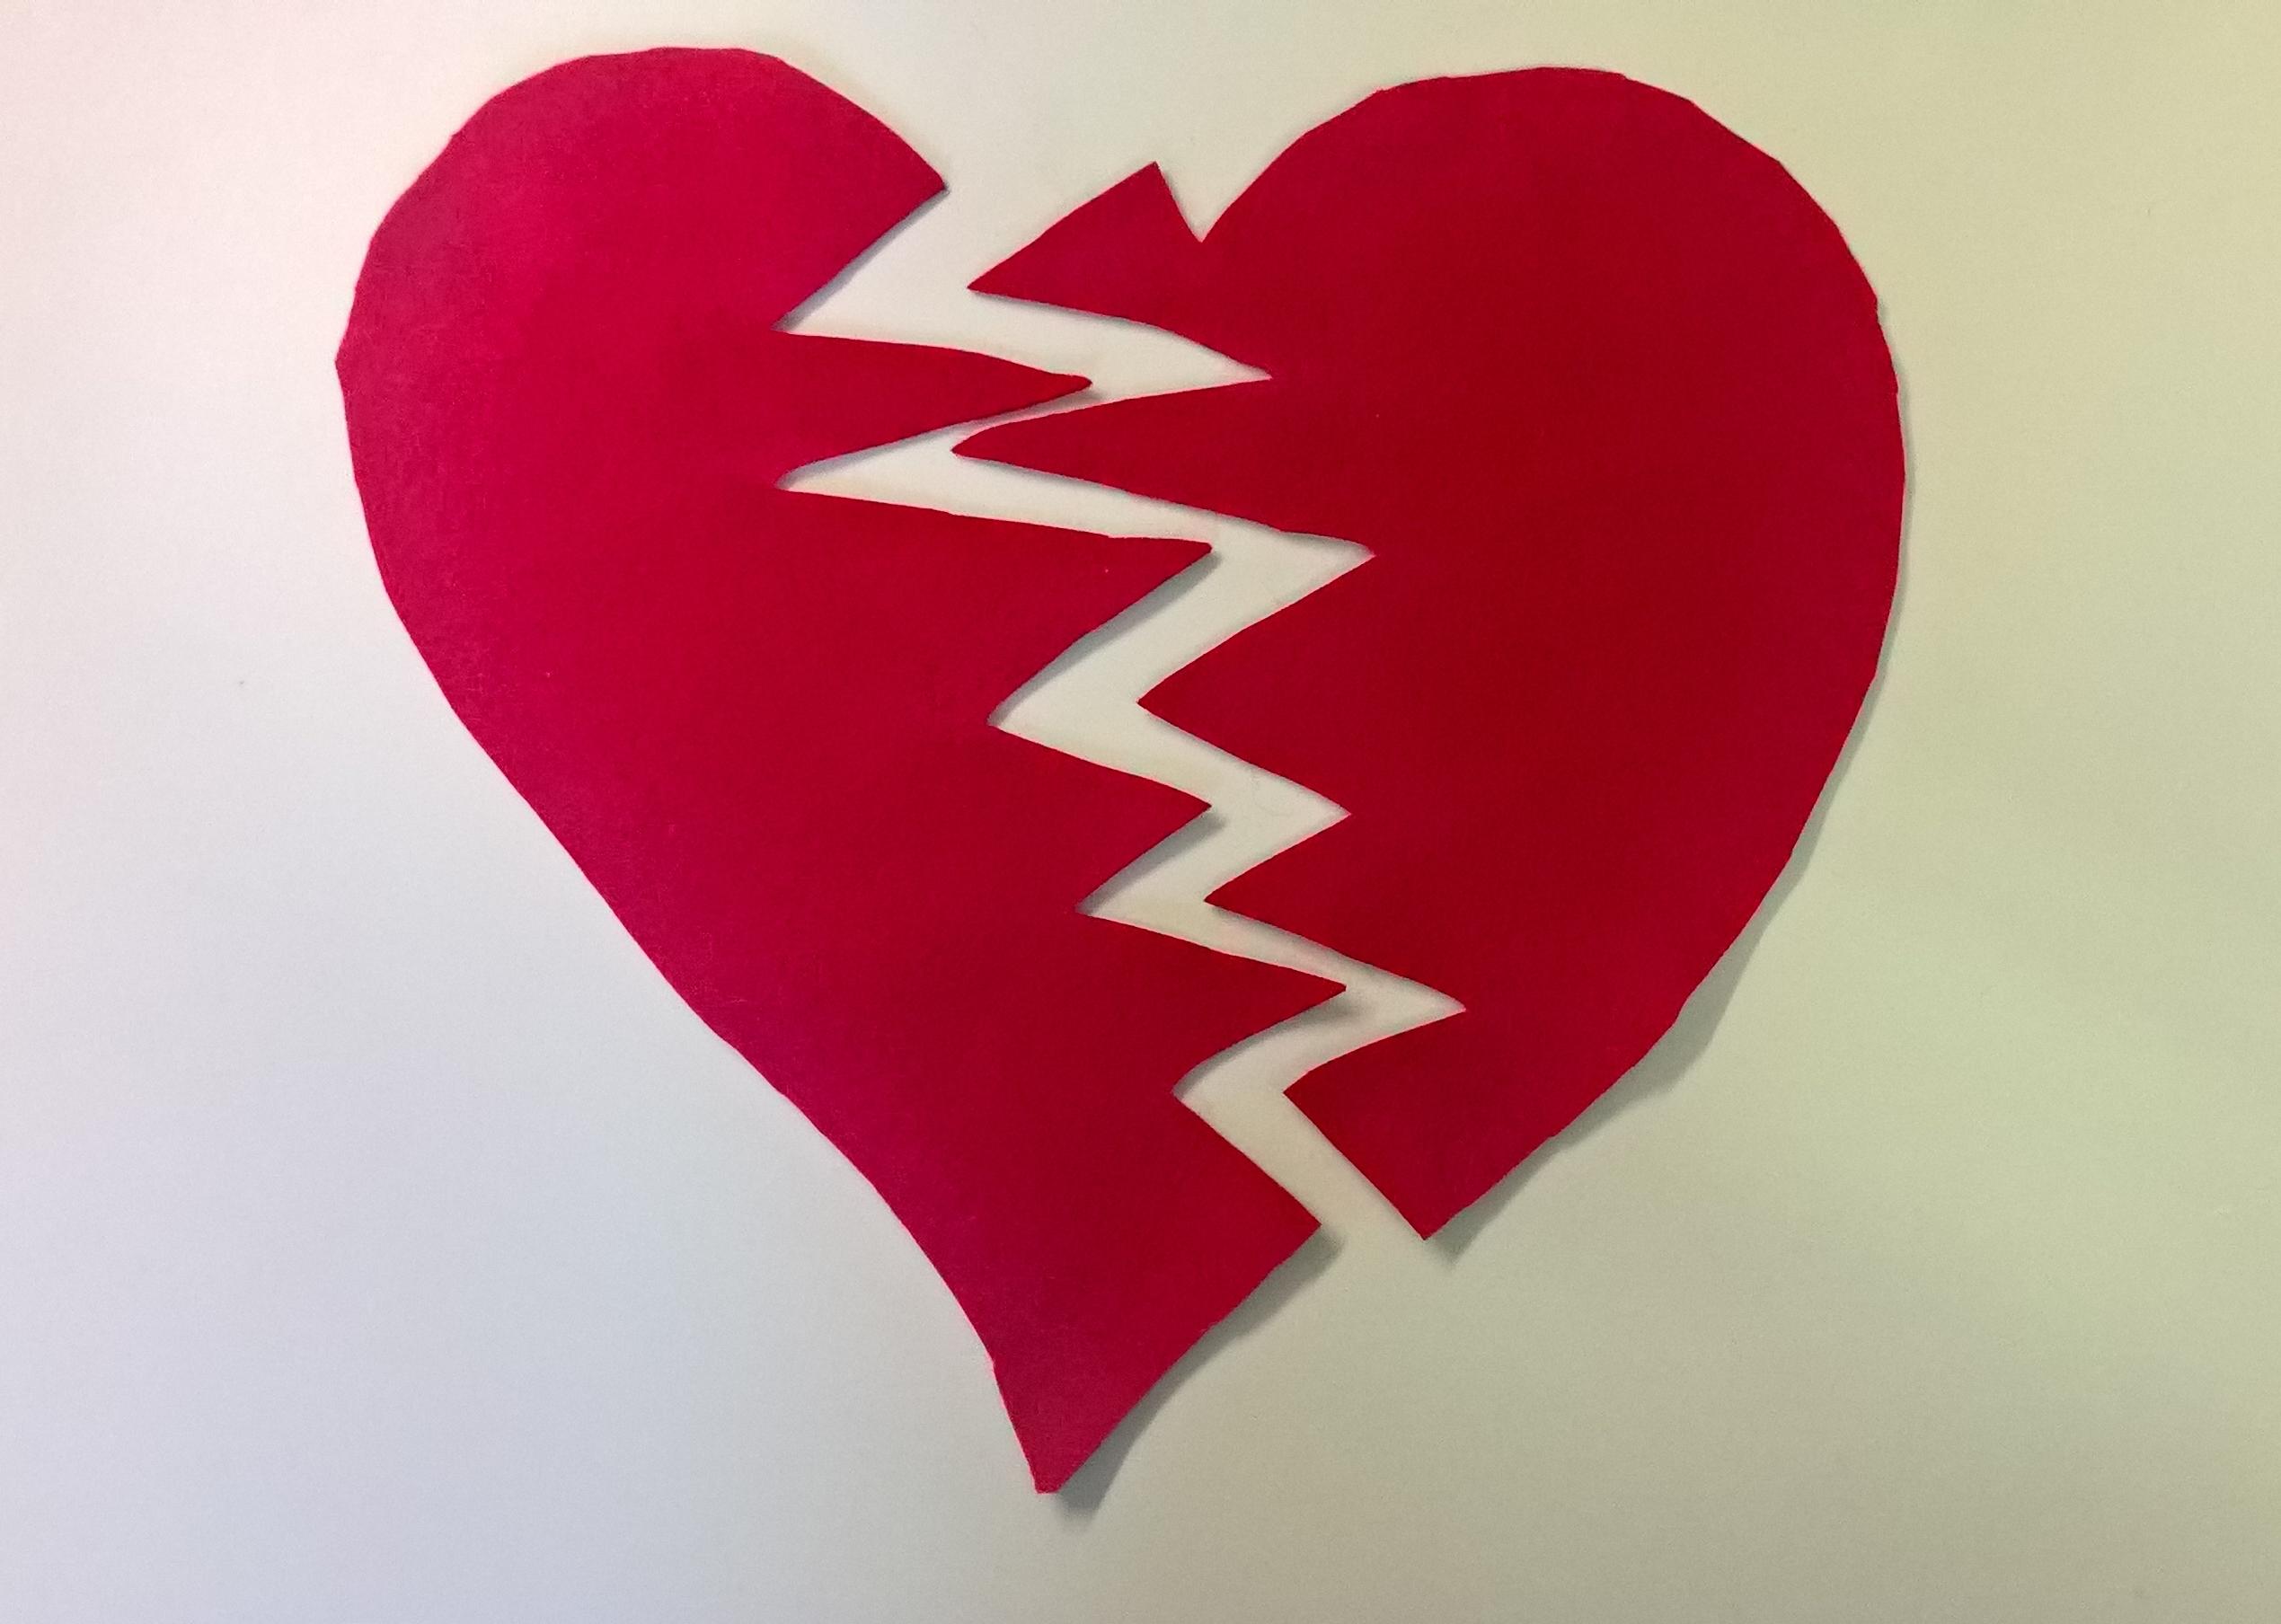 Ein Herz aus rotem Fließ ist zerbrochen.